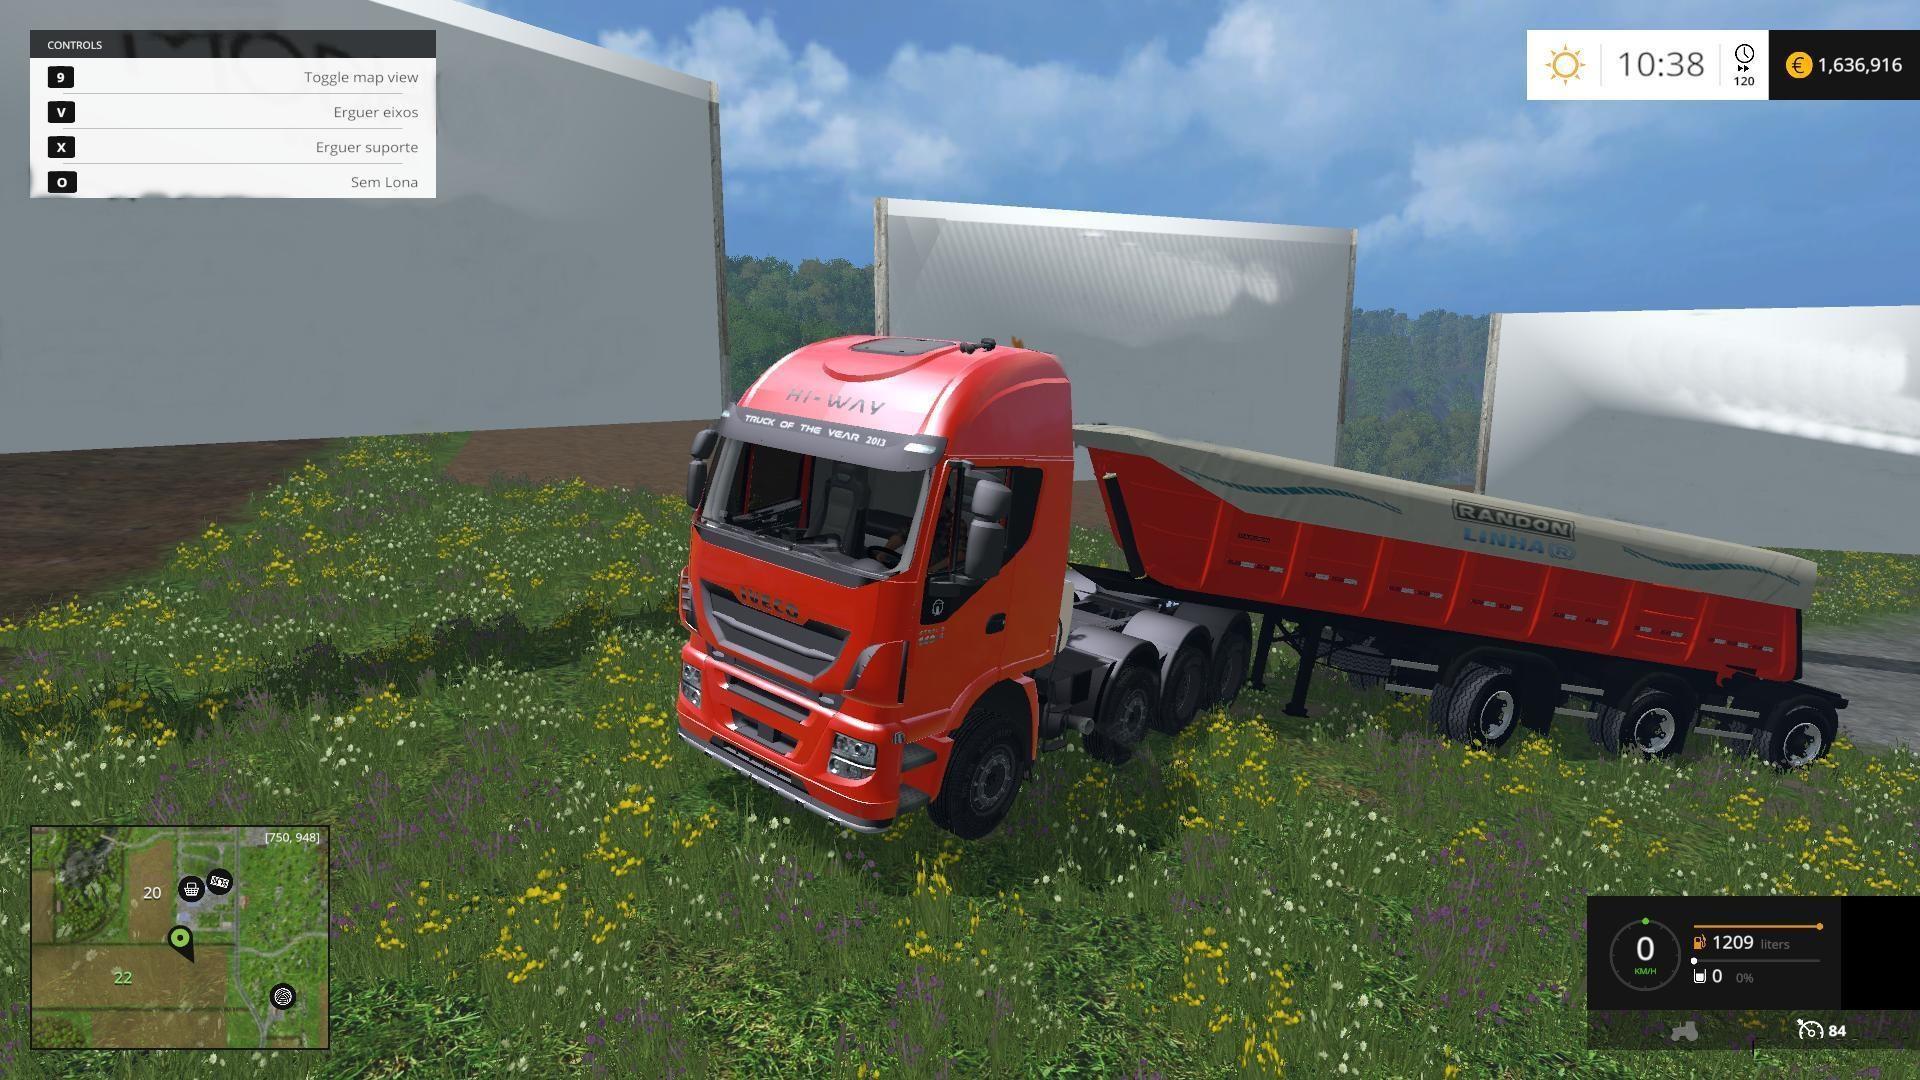 1424170565_iveco-stralis-560-8x4-trailer-v1_1-117